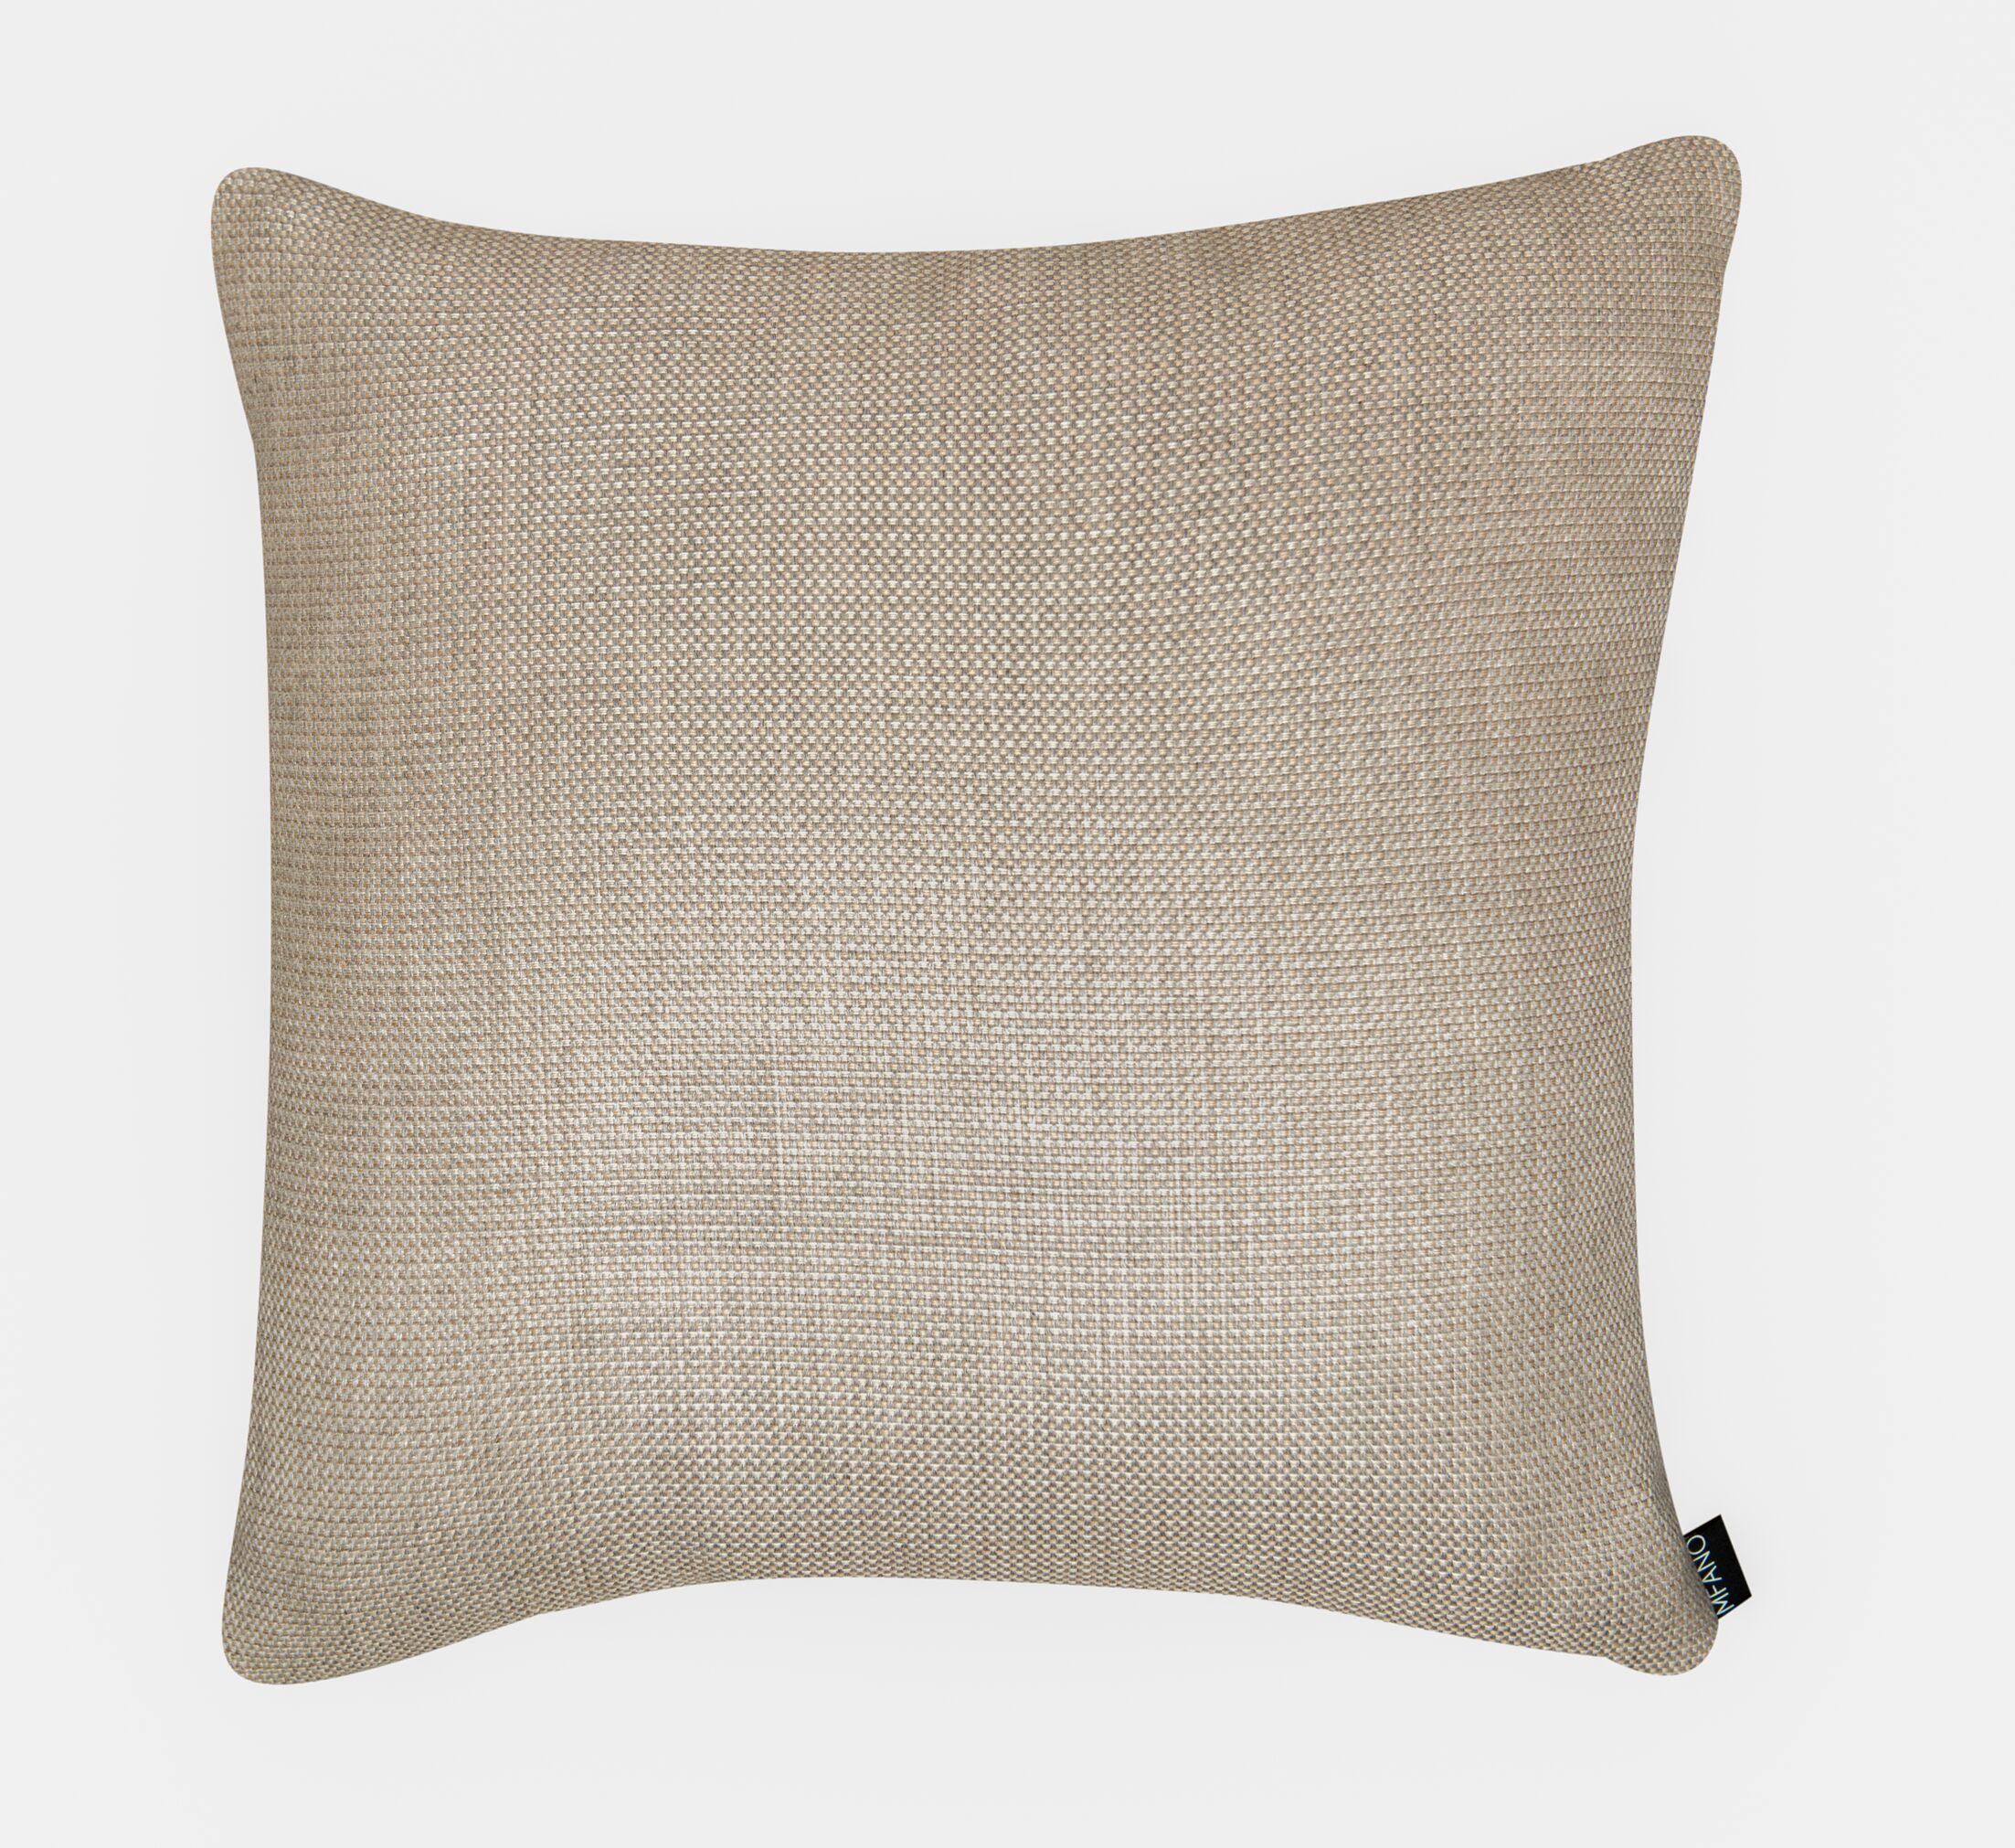 D�cor Alyssa Luvs Indoor/Outdoor Throw Pillow Size: 20